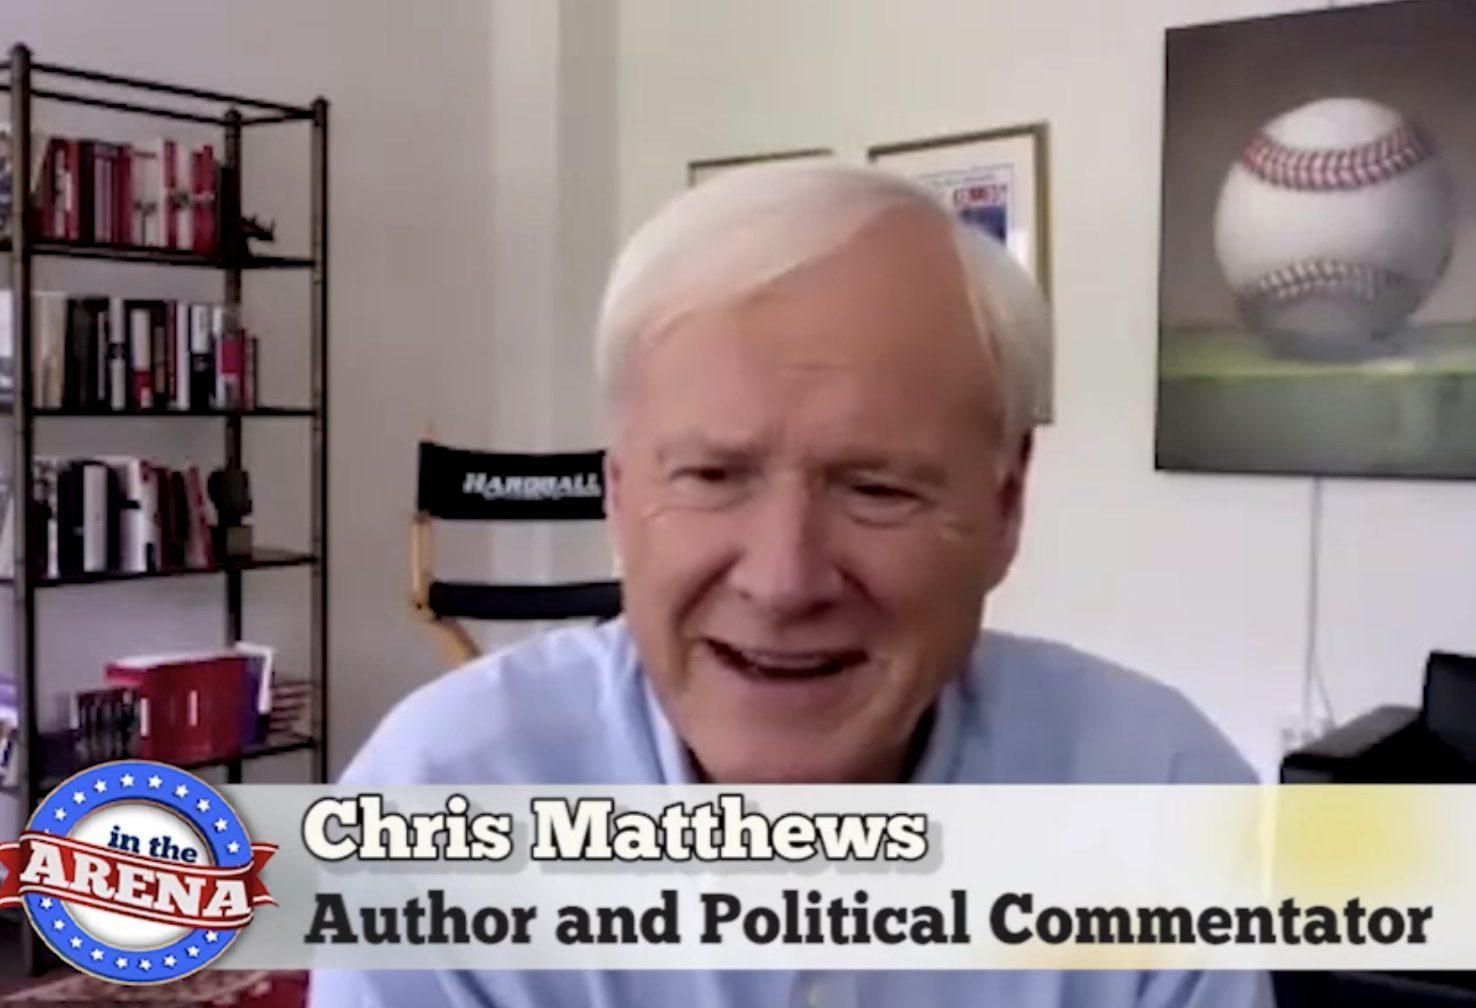 Chris Mathews